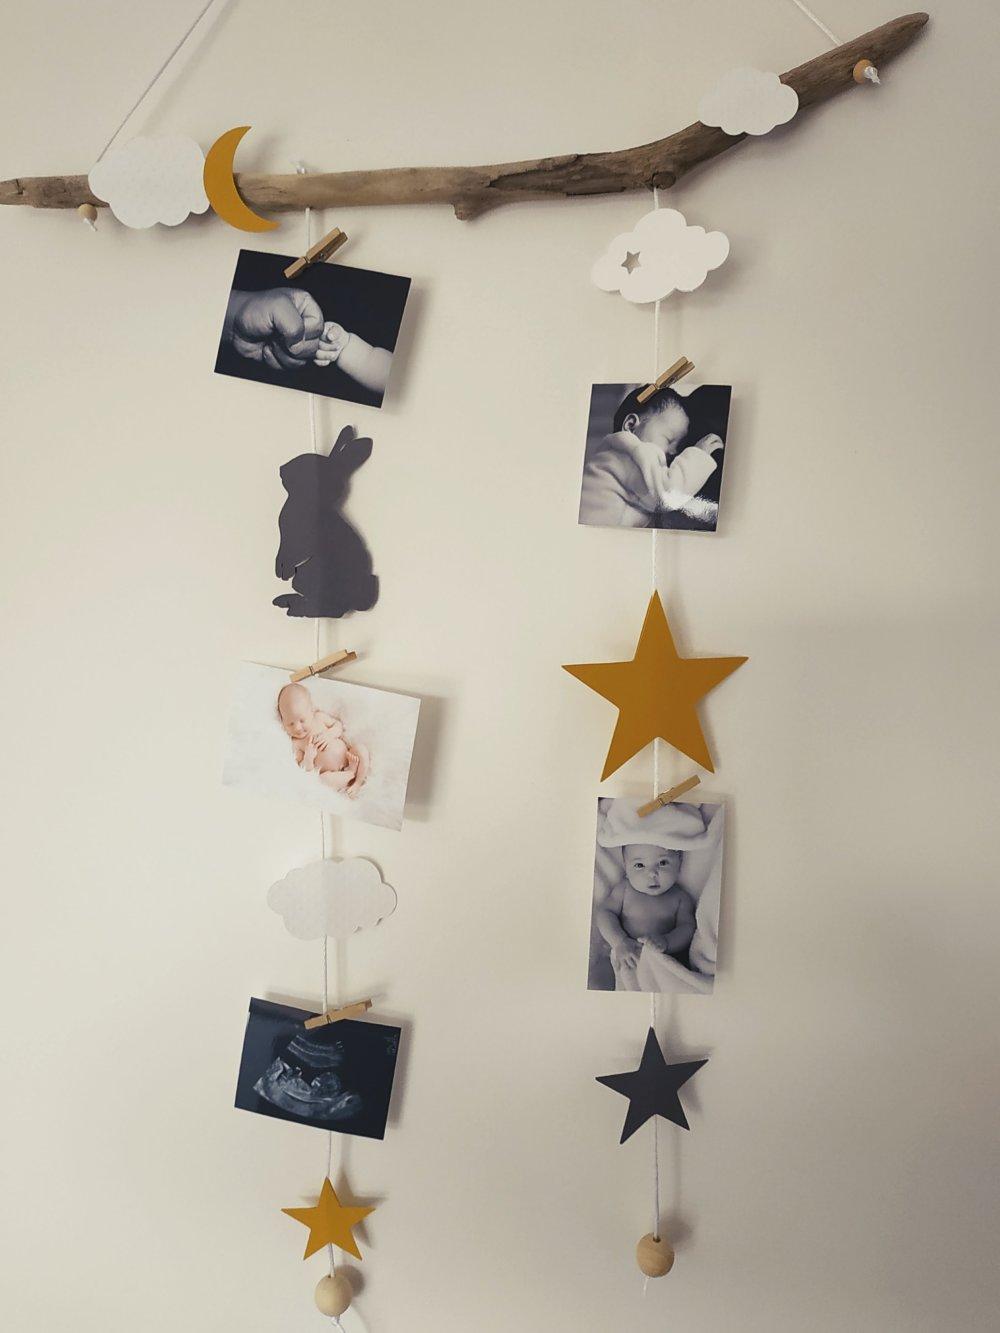 Bois Flotté Porte Photo pêle mêle, mobile porte photos bois flotté idée cadeau liste naissance  chambre bébé baby shower chouette lapin lune étoile